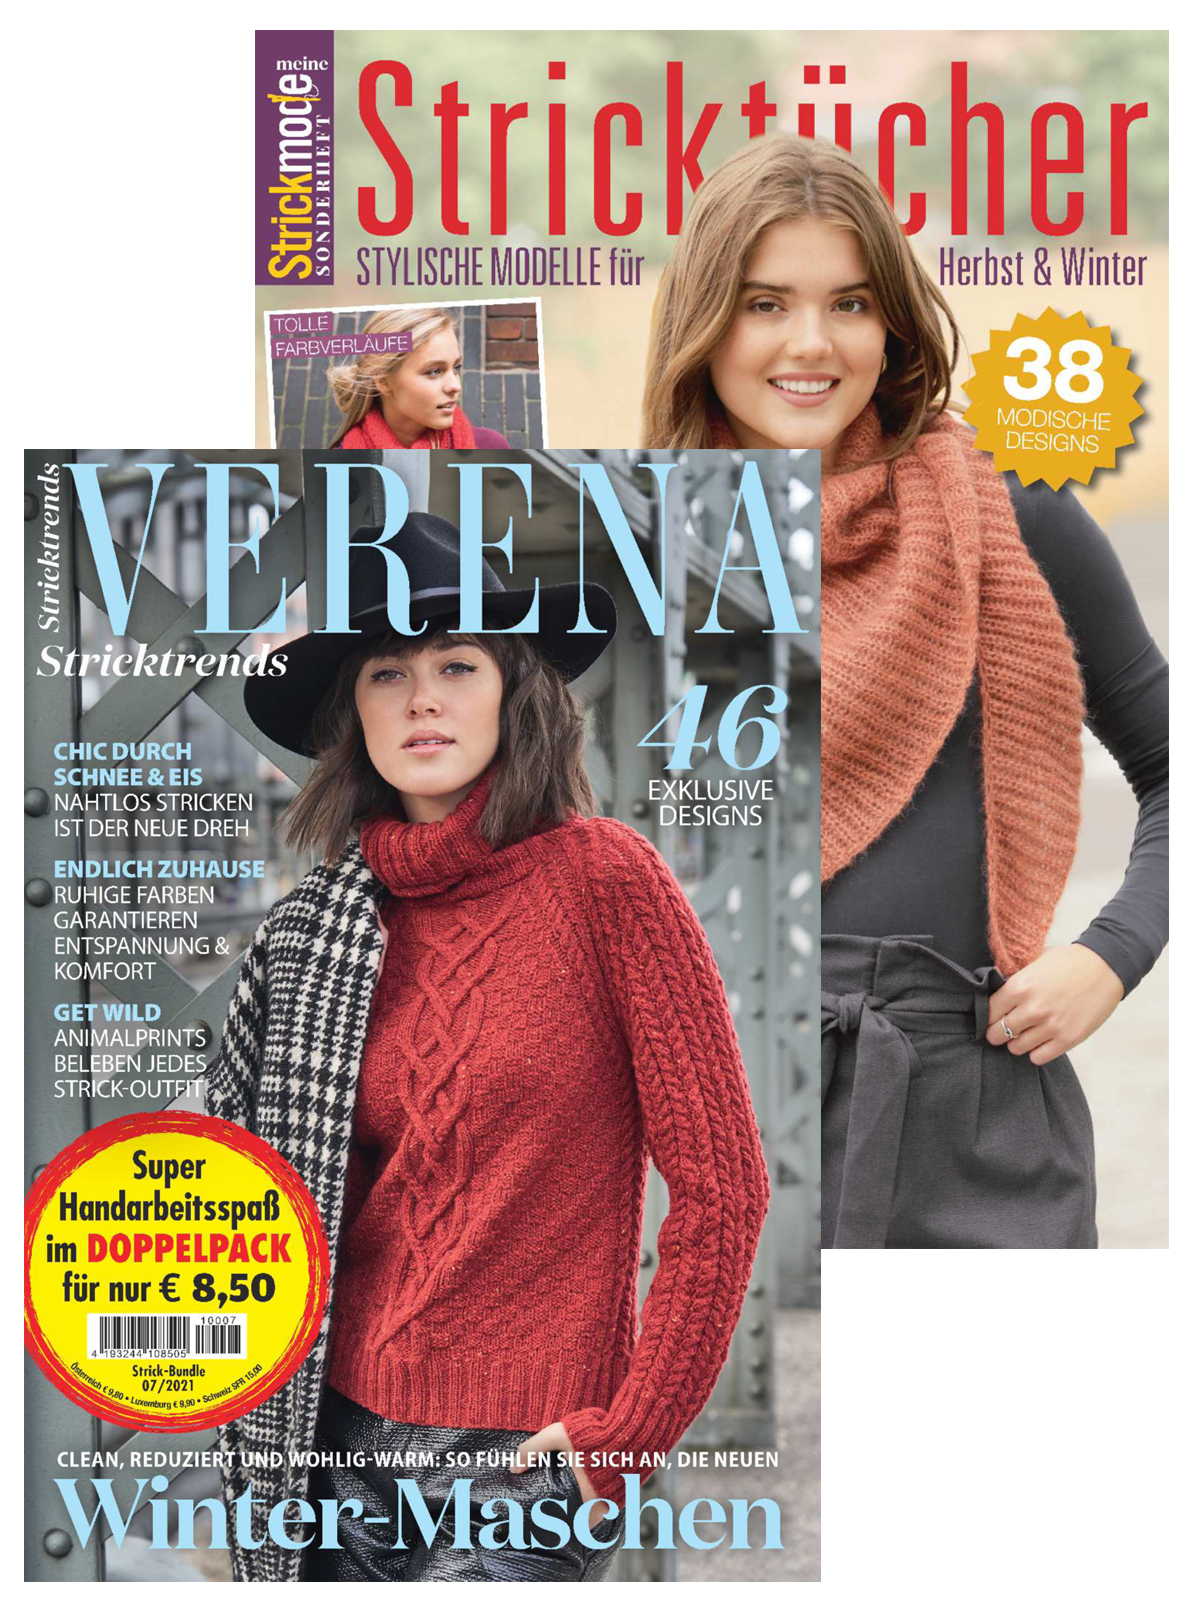 Zwei Zeitschriften - Verena Nr. 4/2021 und  MS 045 Stricktücher